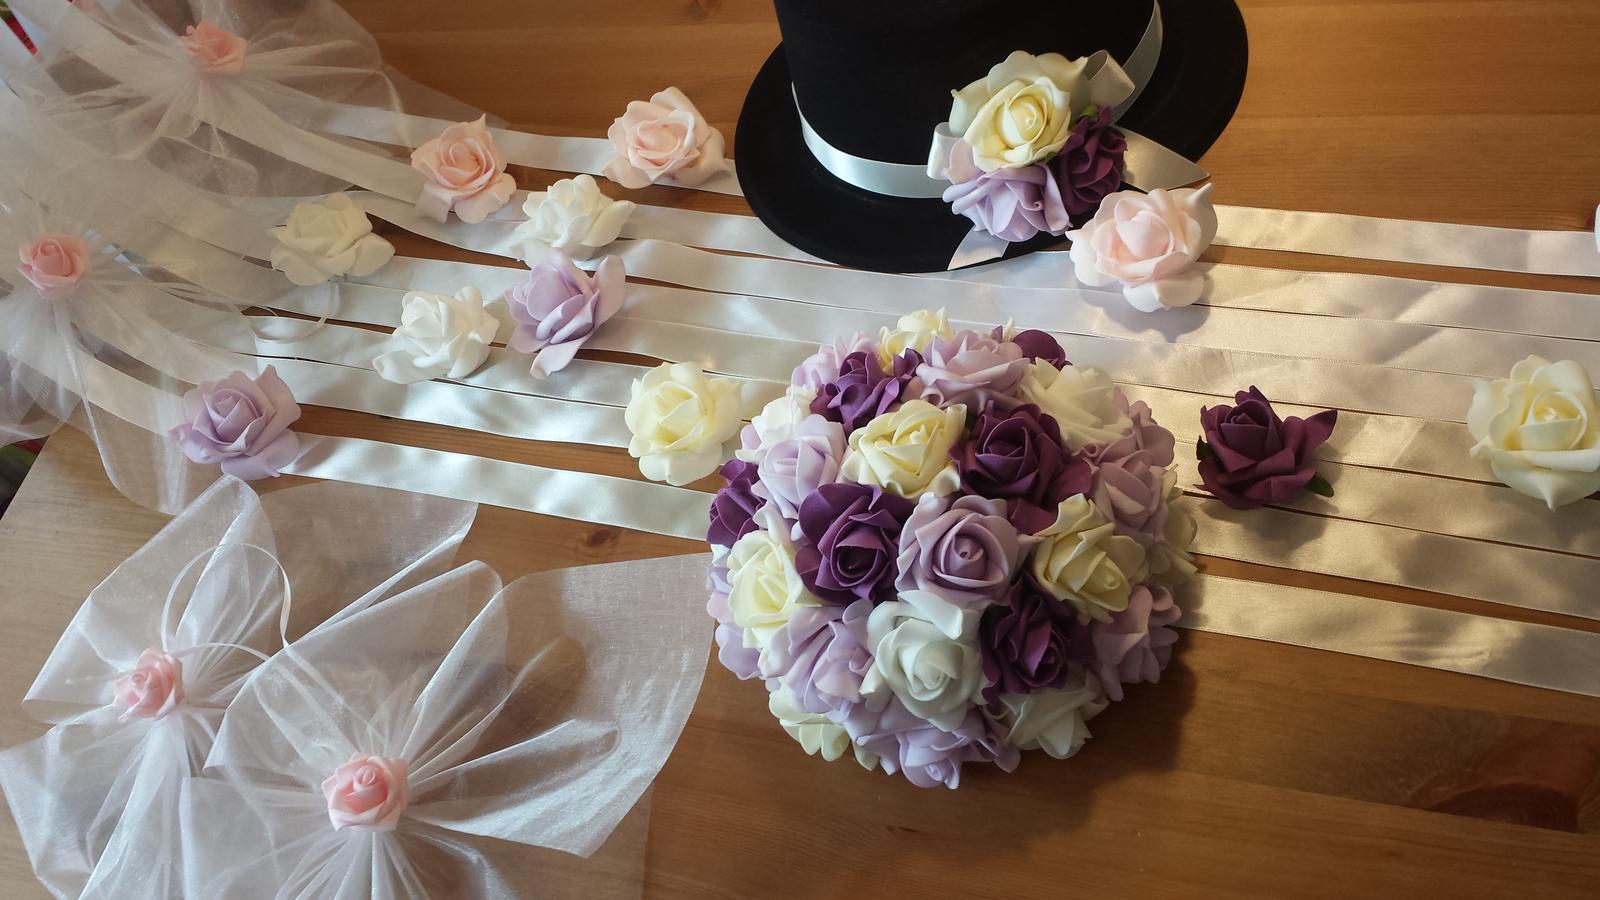 Svatební dekorace na auta - Krasna kombinace lila, fialove, bile a ivory (buket, serpa a cylindr)